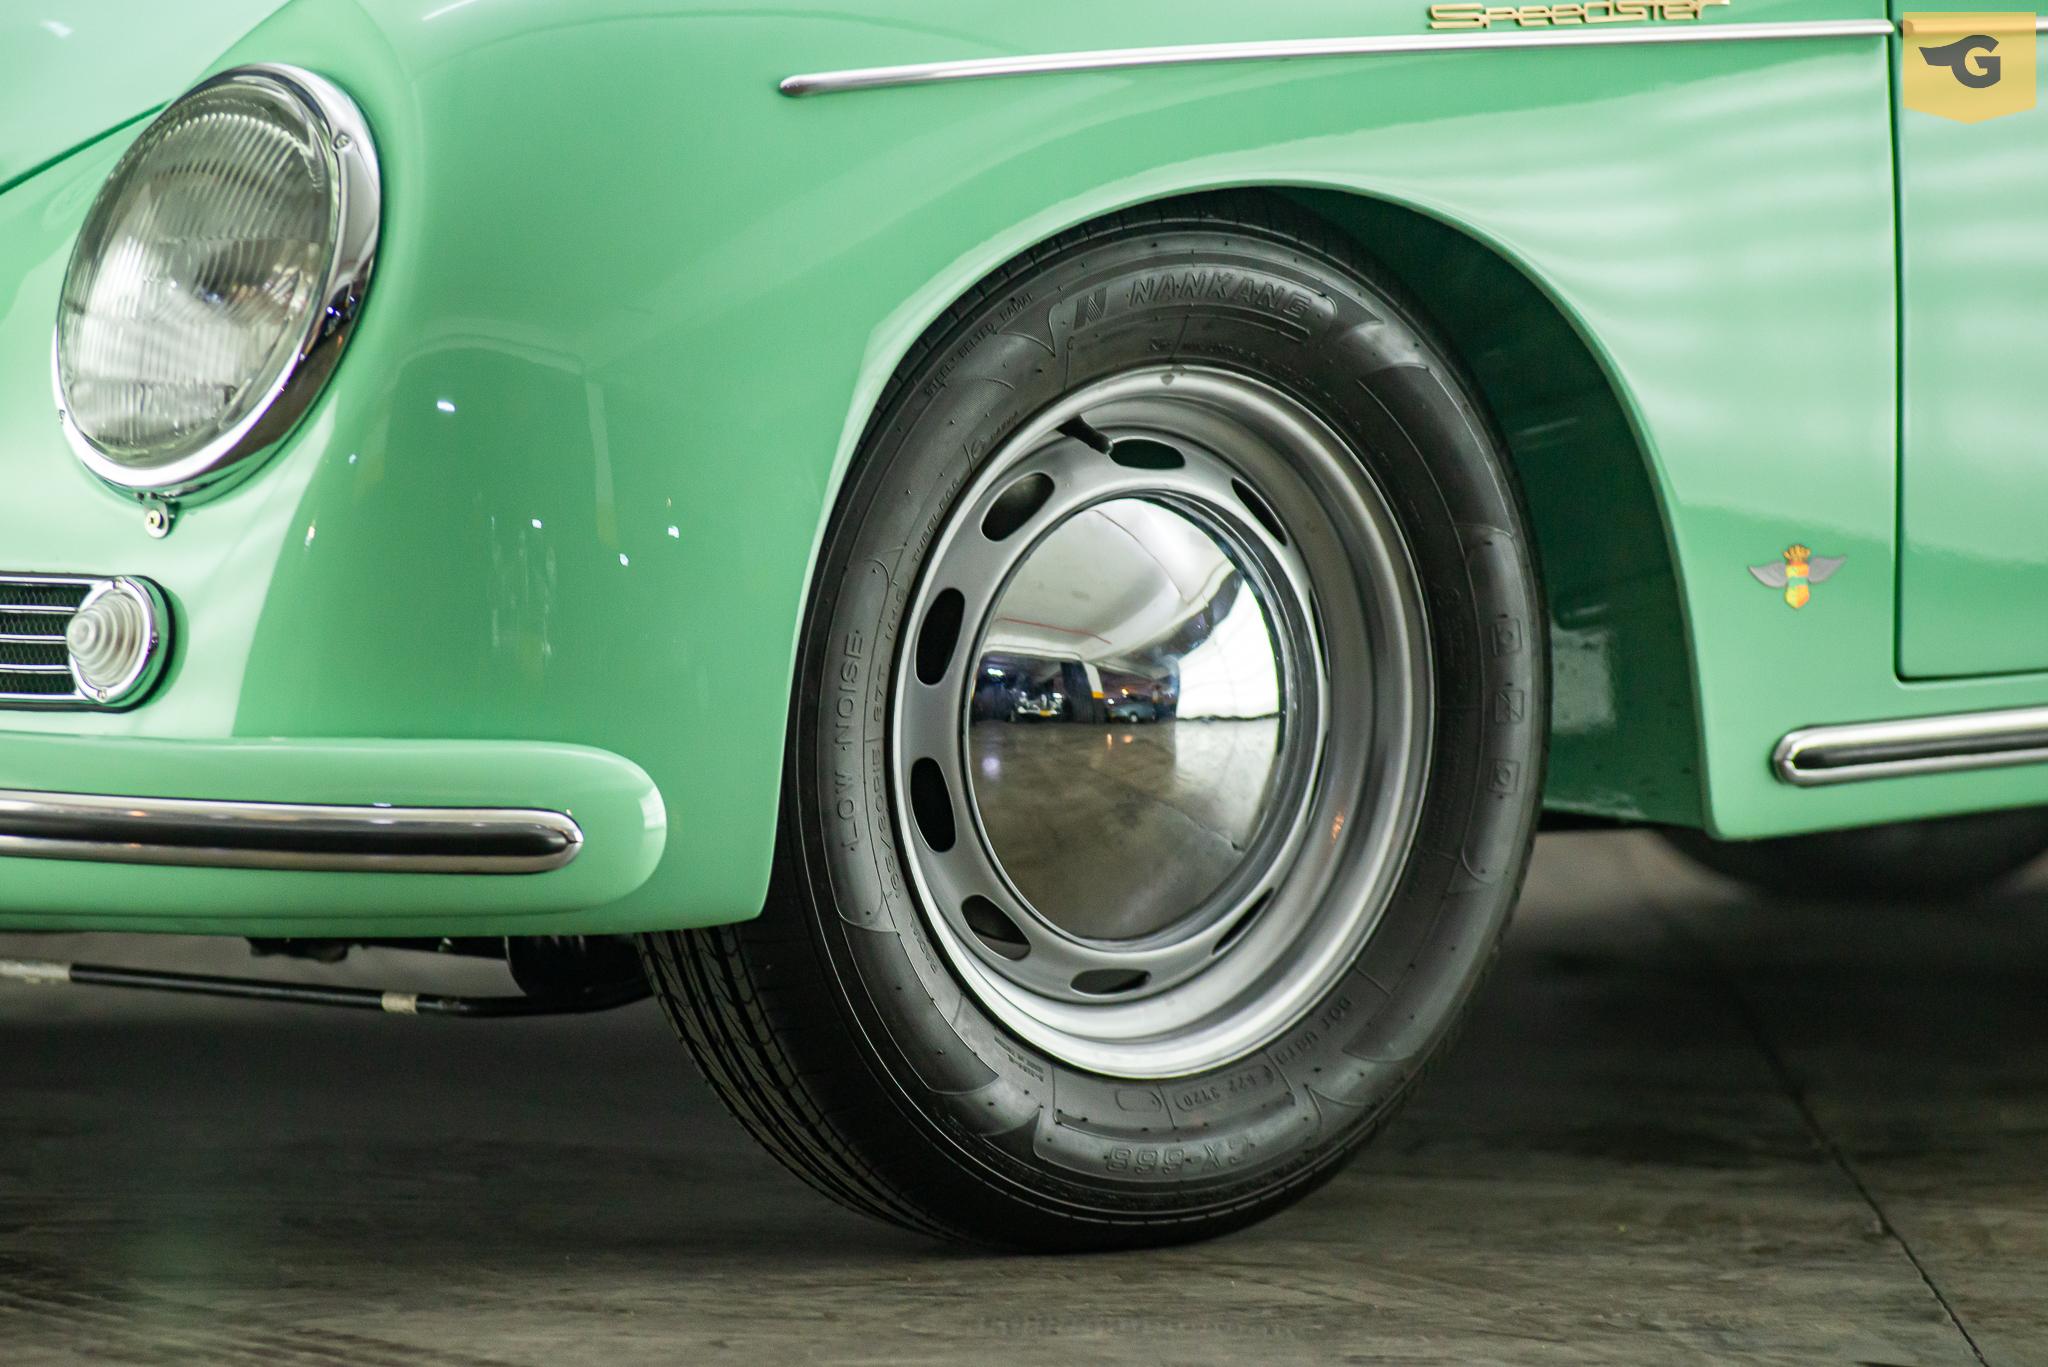 porsche-replica-356-a-venda-sao-paulo-sp-for-sale-the-garage-classicos-a-venda-loja-de-carros-antigos--43